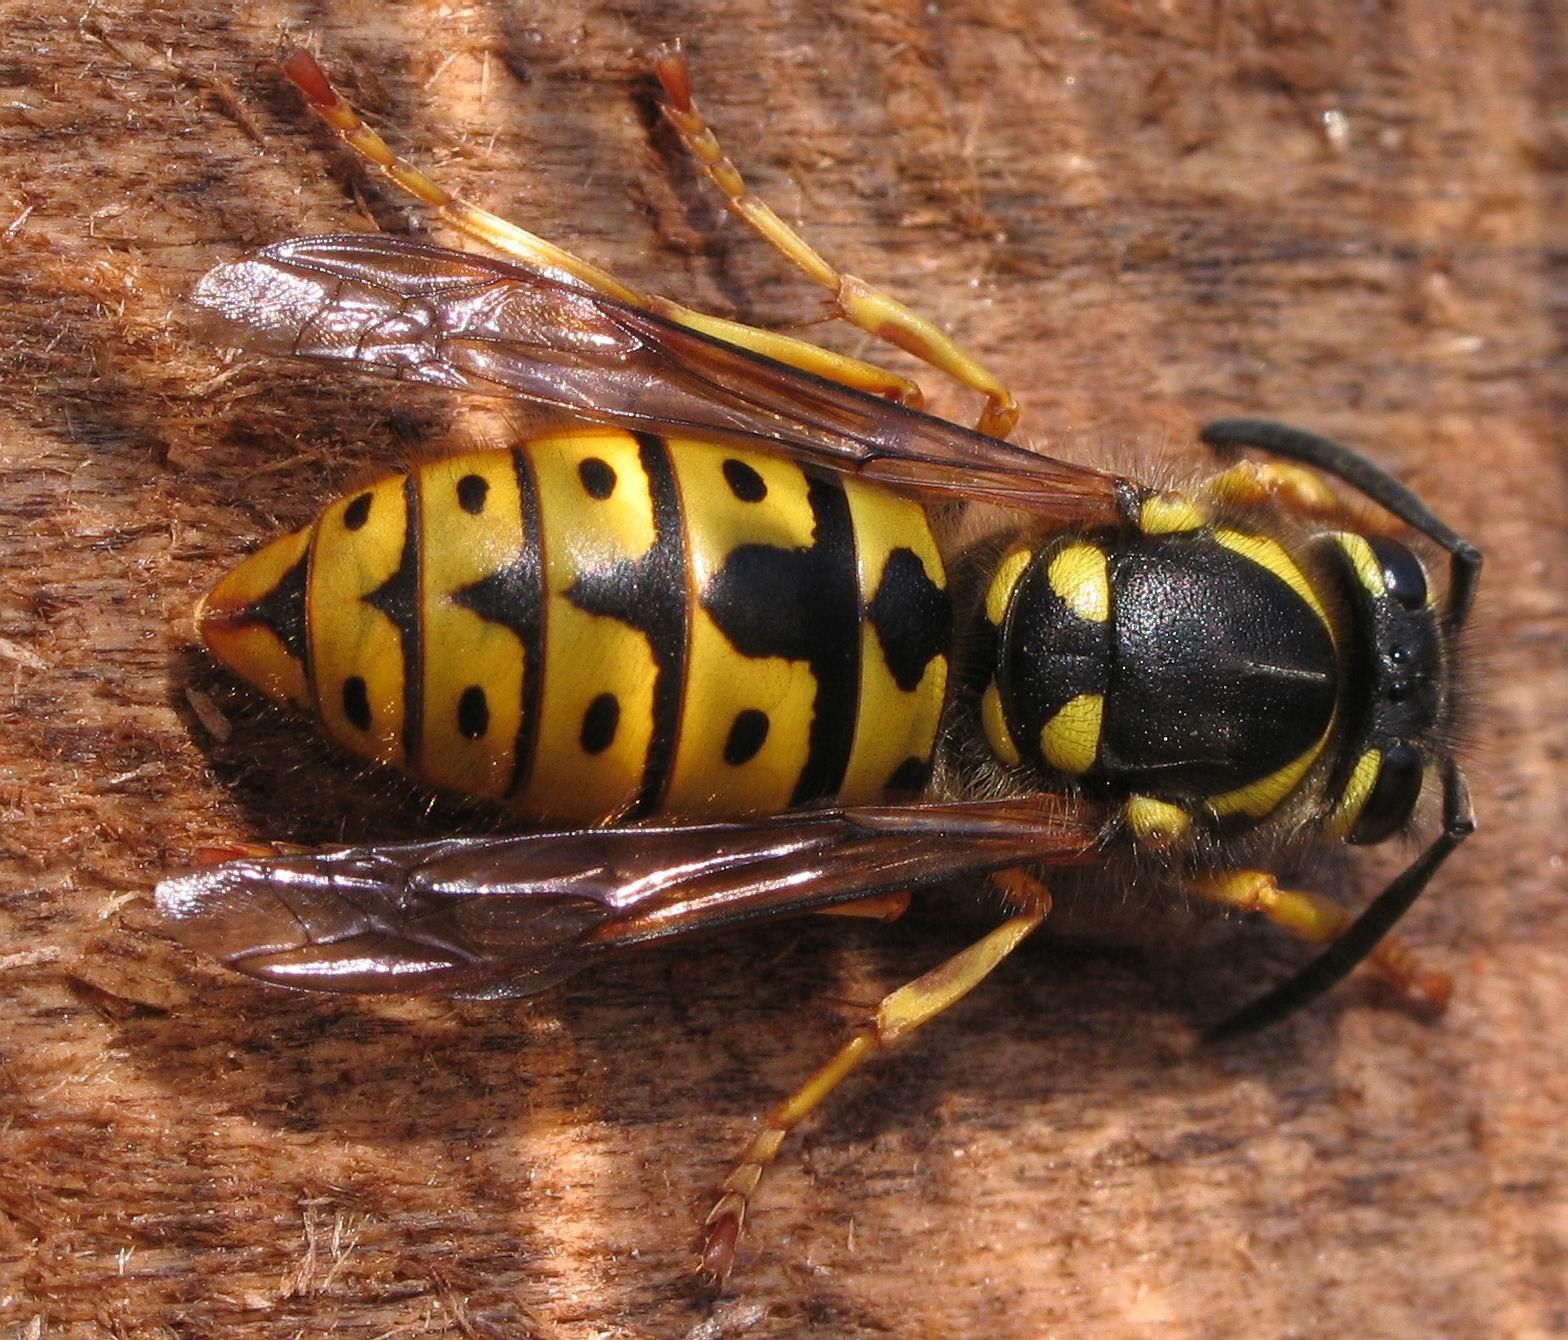 Queen Wasp Size File:Vespula germanica...